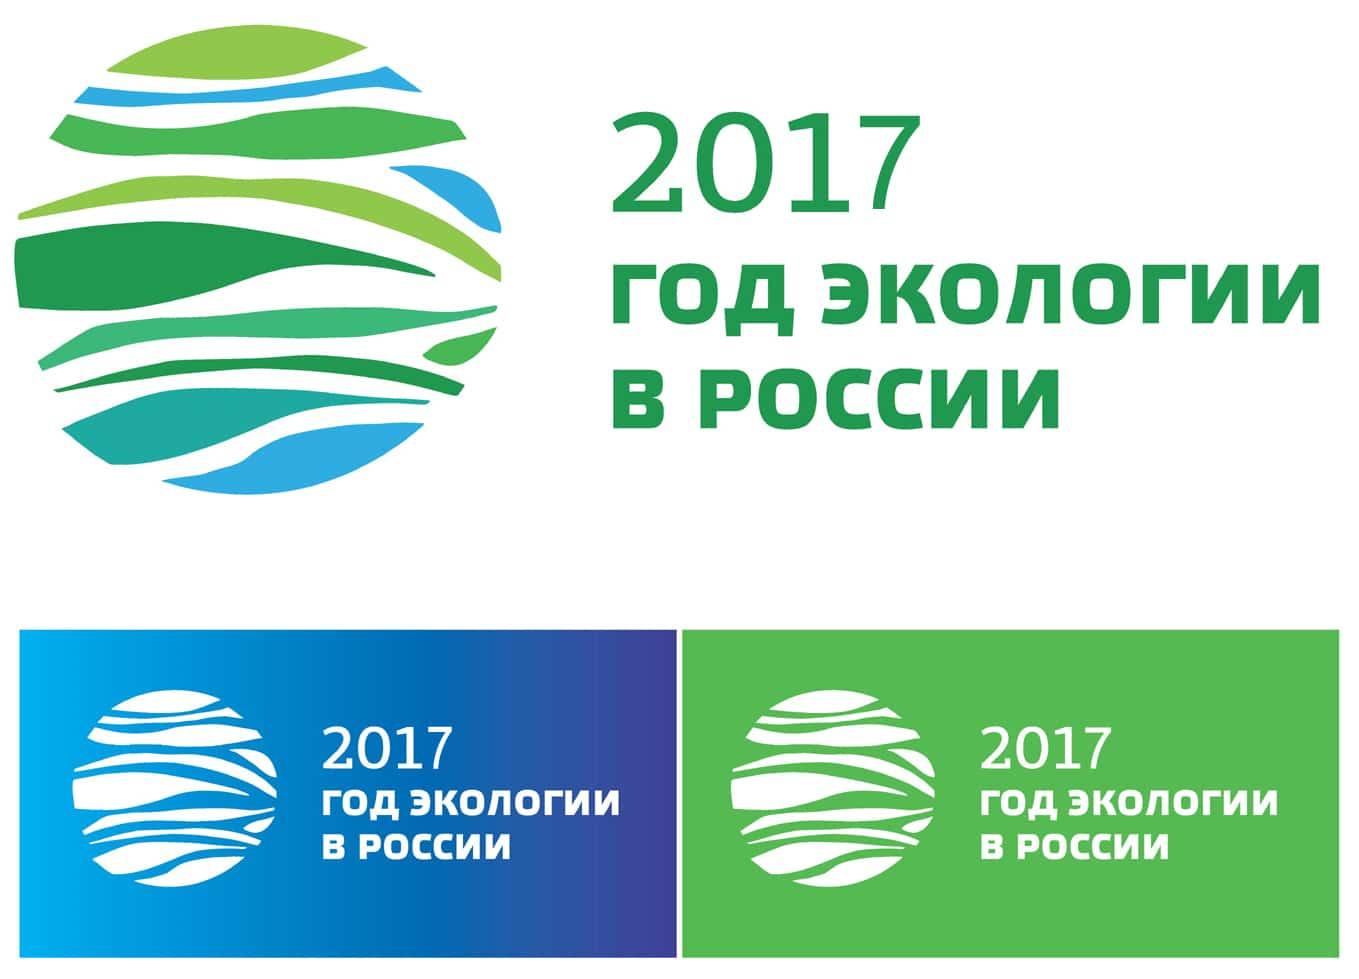 эмблема года экологии в россии 2017 картинка